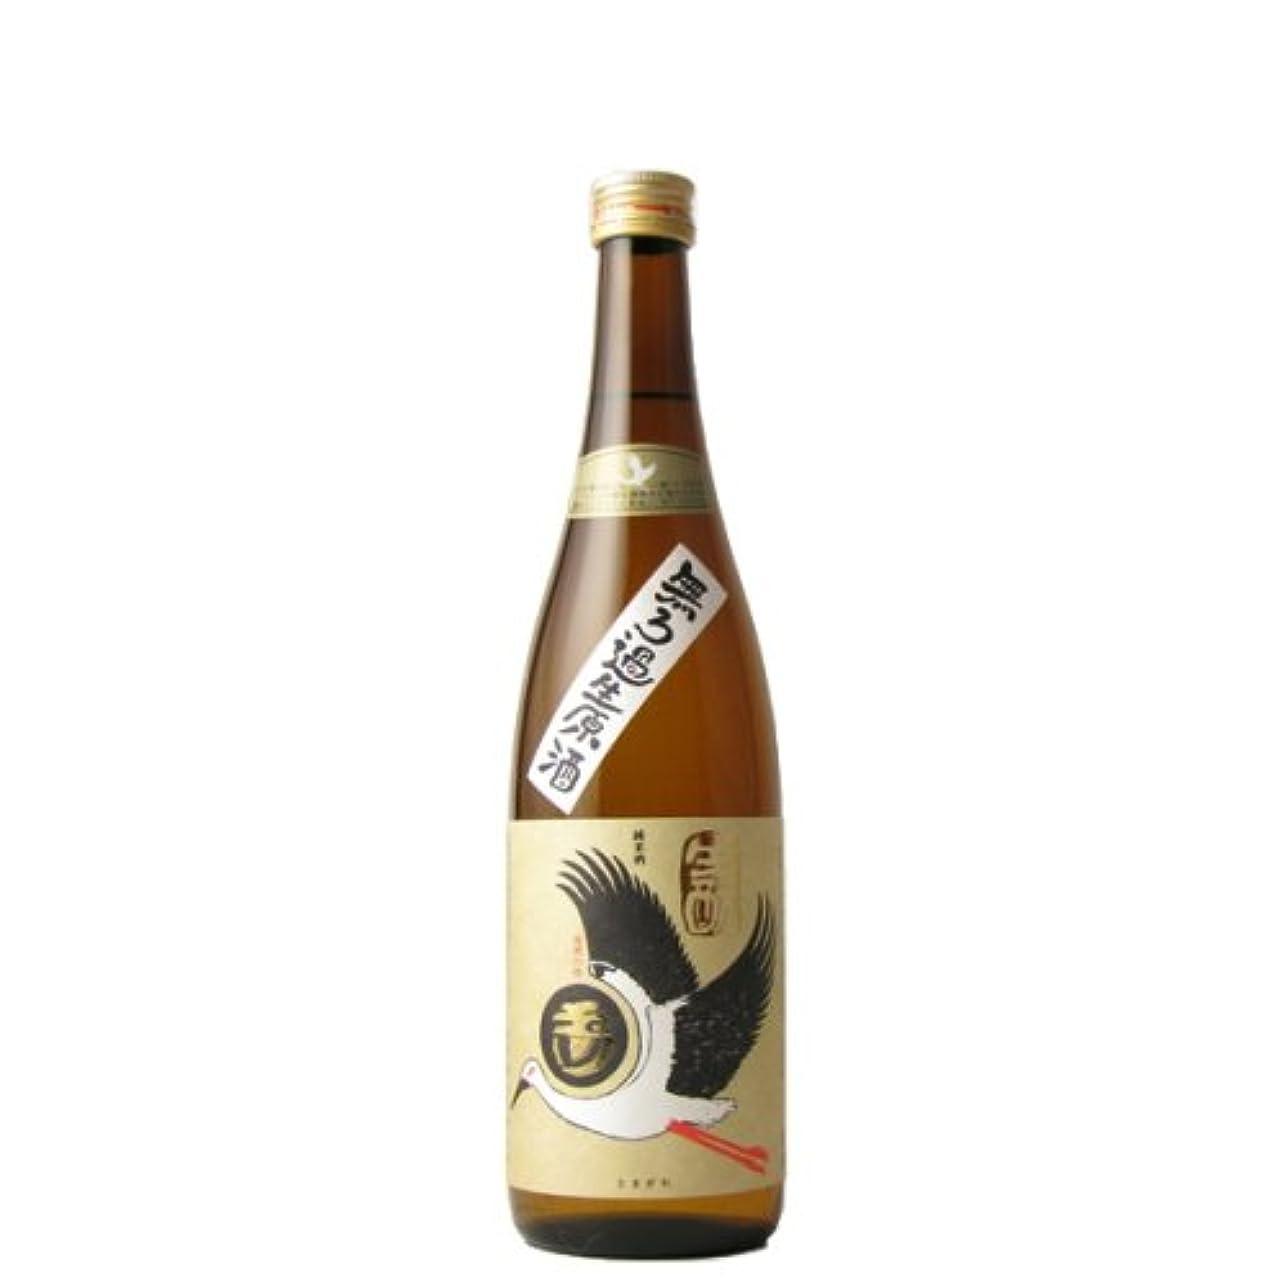 サービスマリナー航空玉川 自然仕込 生もと純米酒コウノトリラベル 無濾過生原酒 720ml